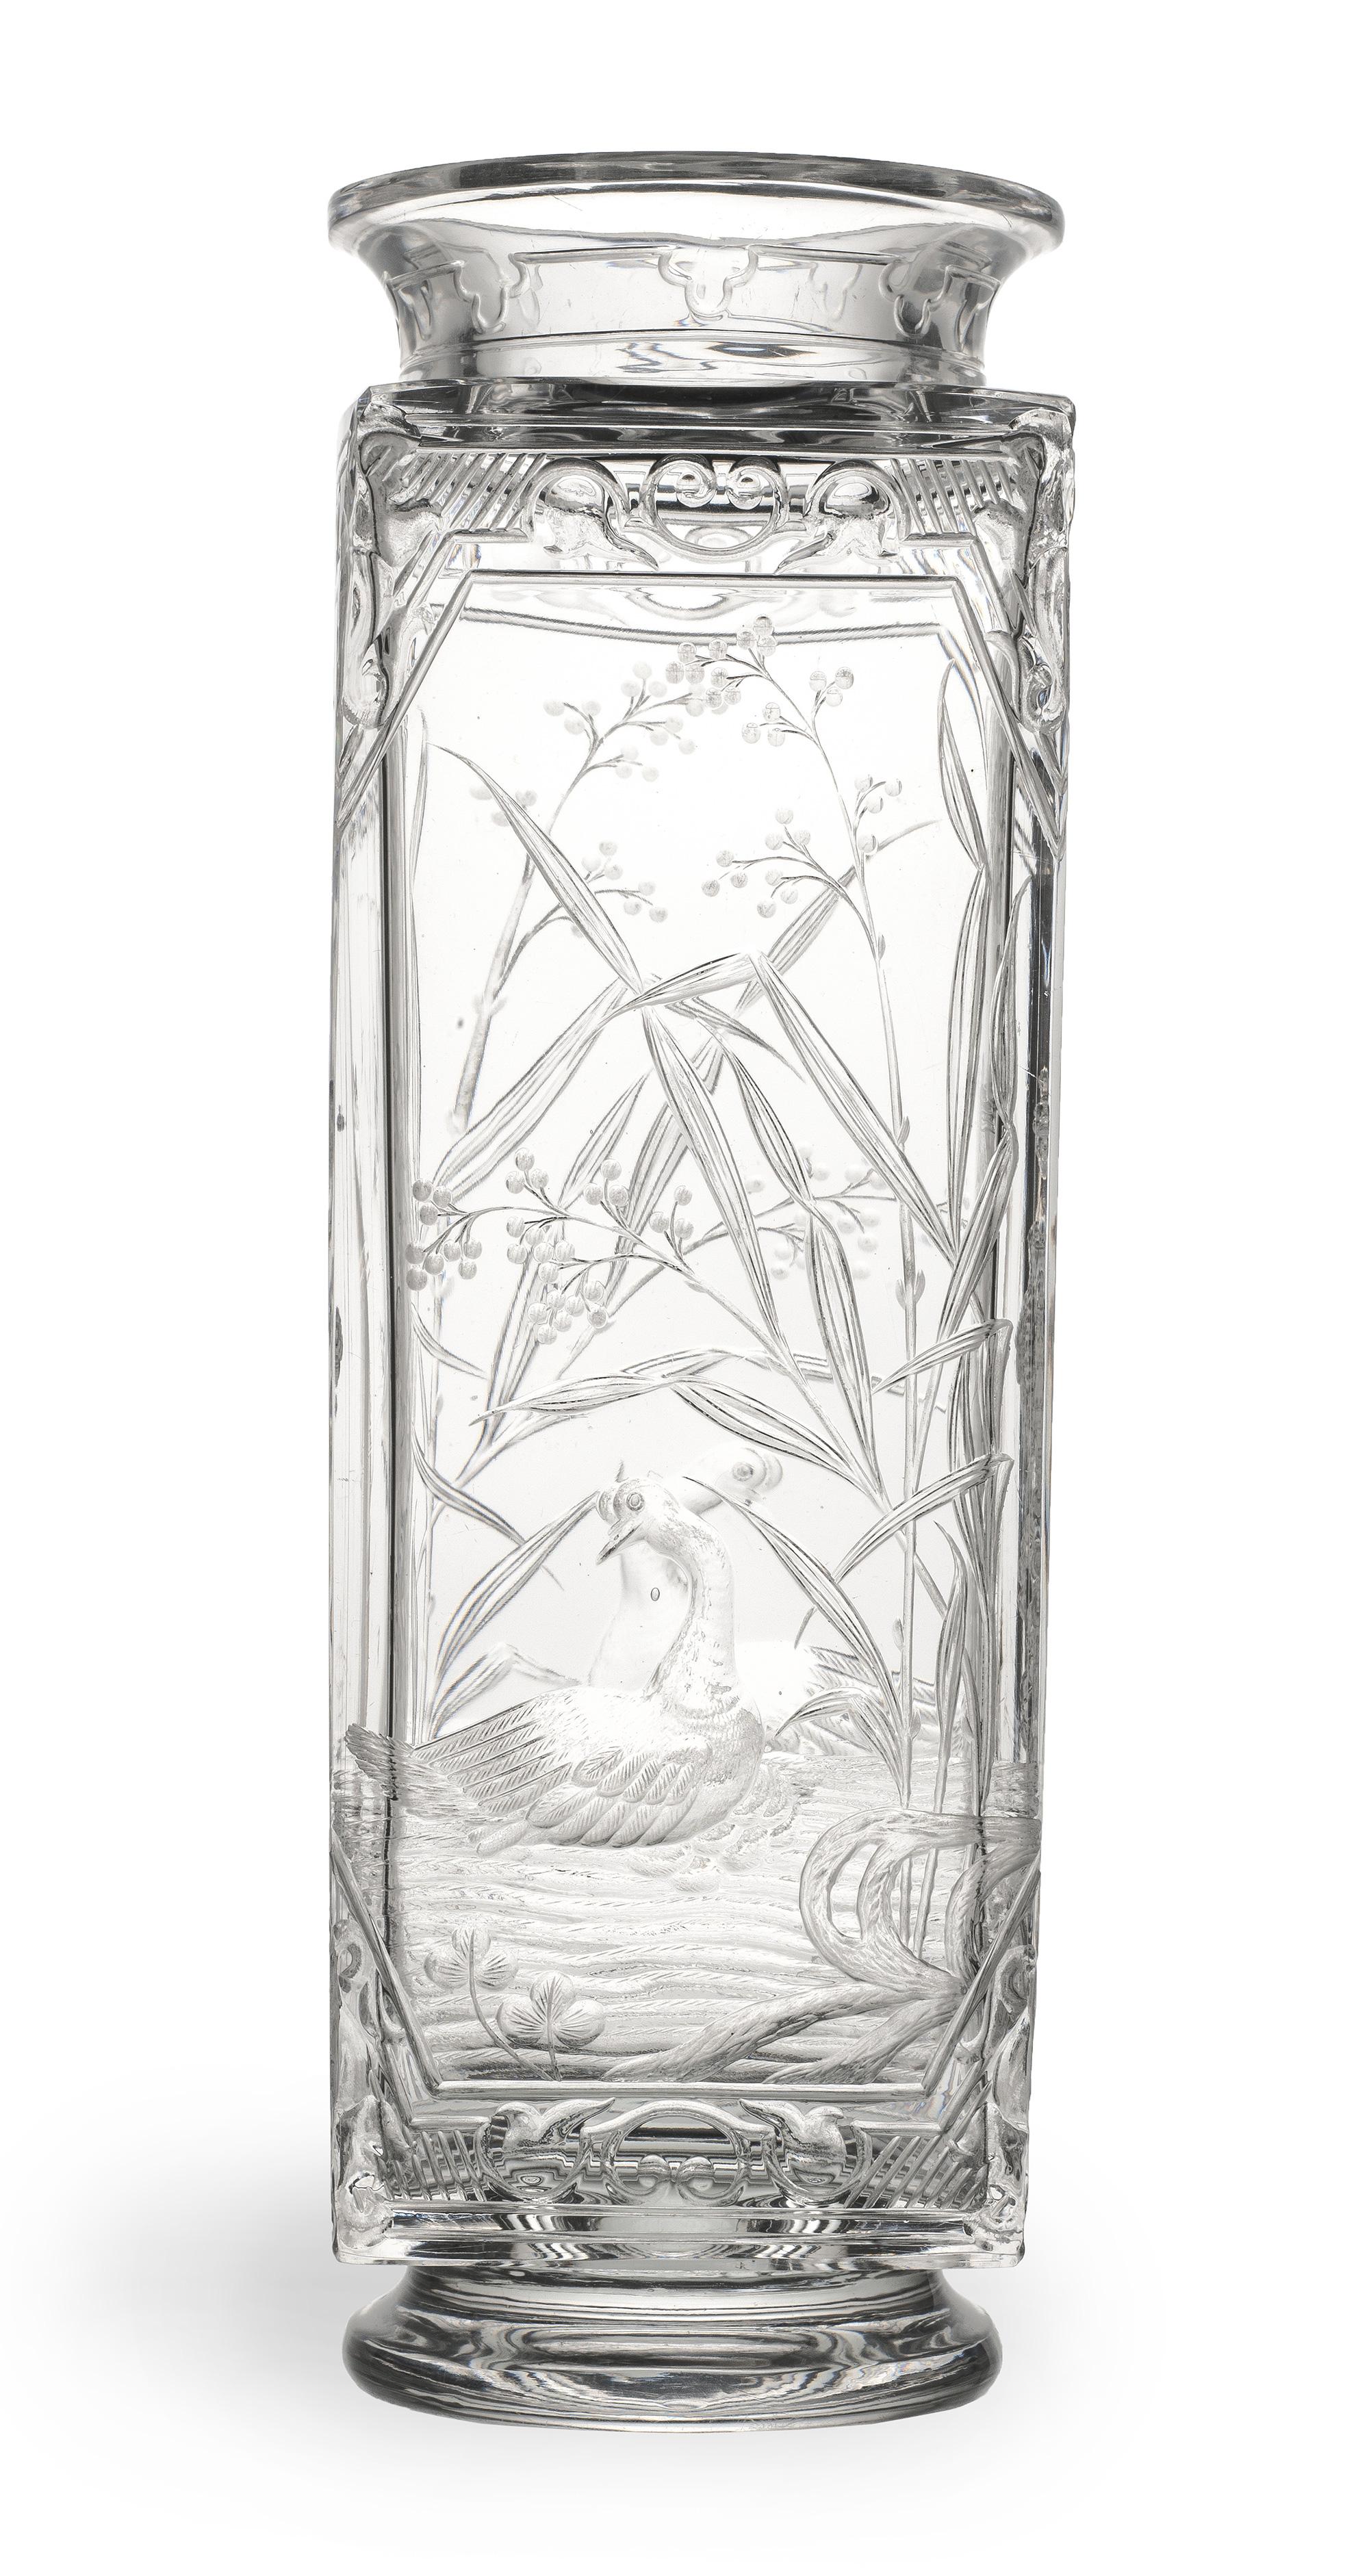 Jet Black Verre Cylindre VASE 18 cm 4 cm élevé à travers Art Floral Fleur Table Mariage